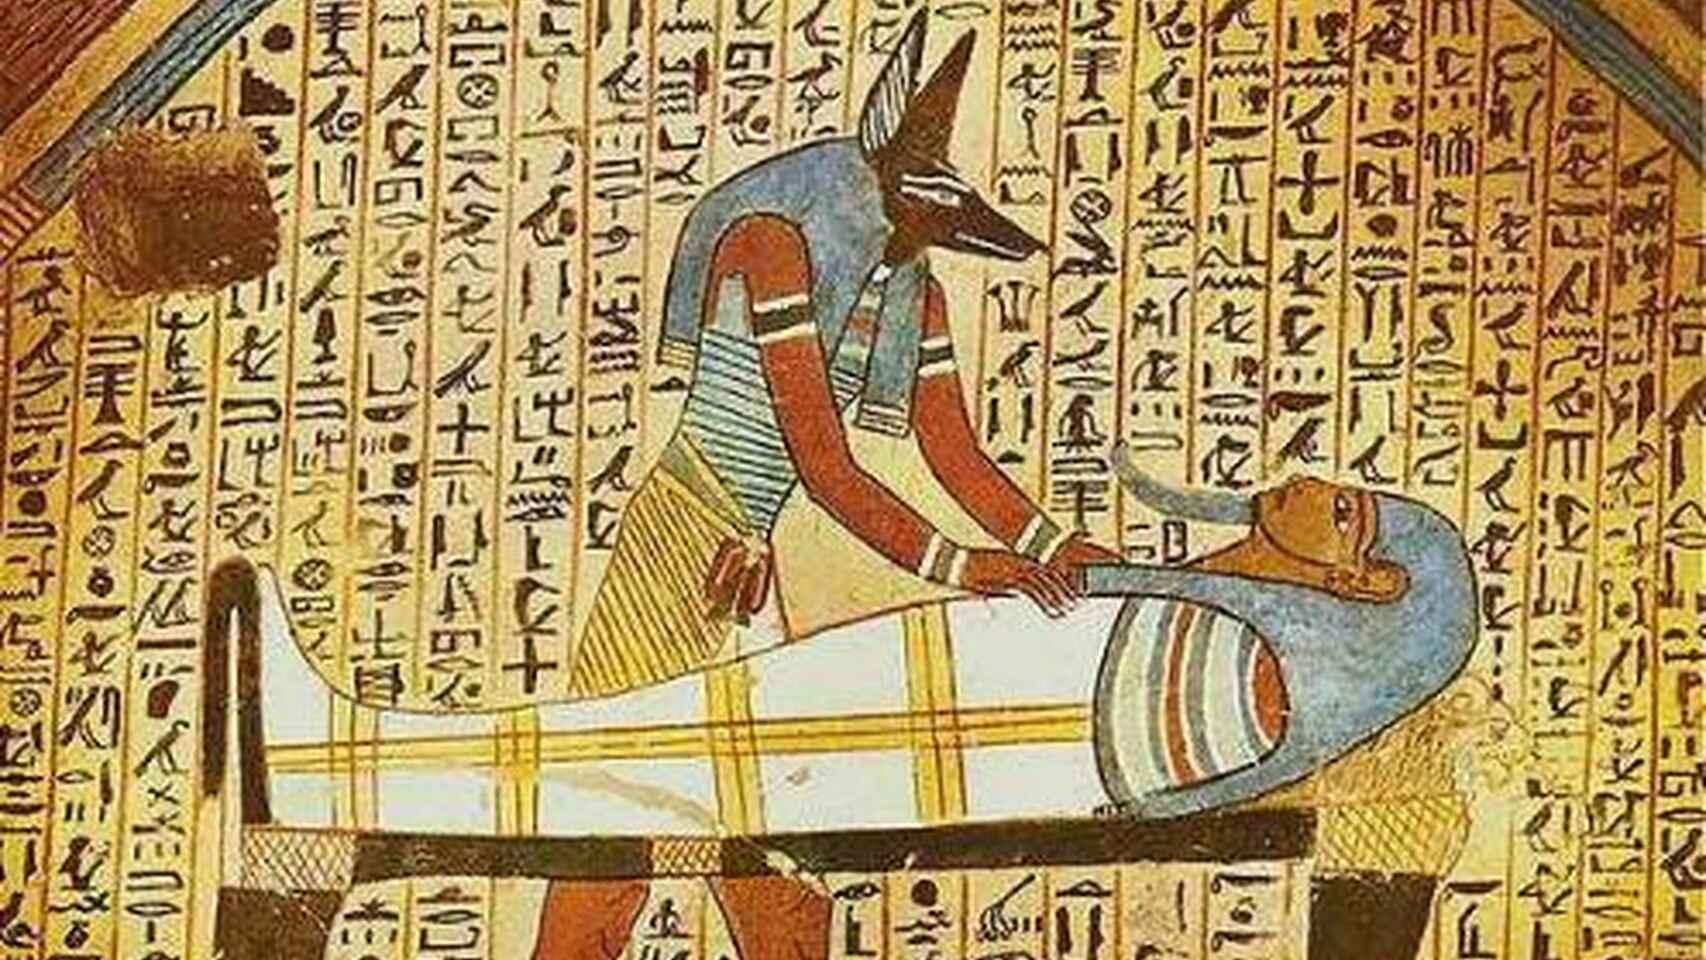 مقدمة حول الامراض الشائعة في مصر القديمة